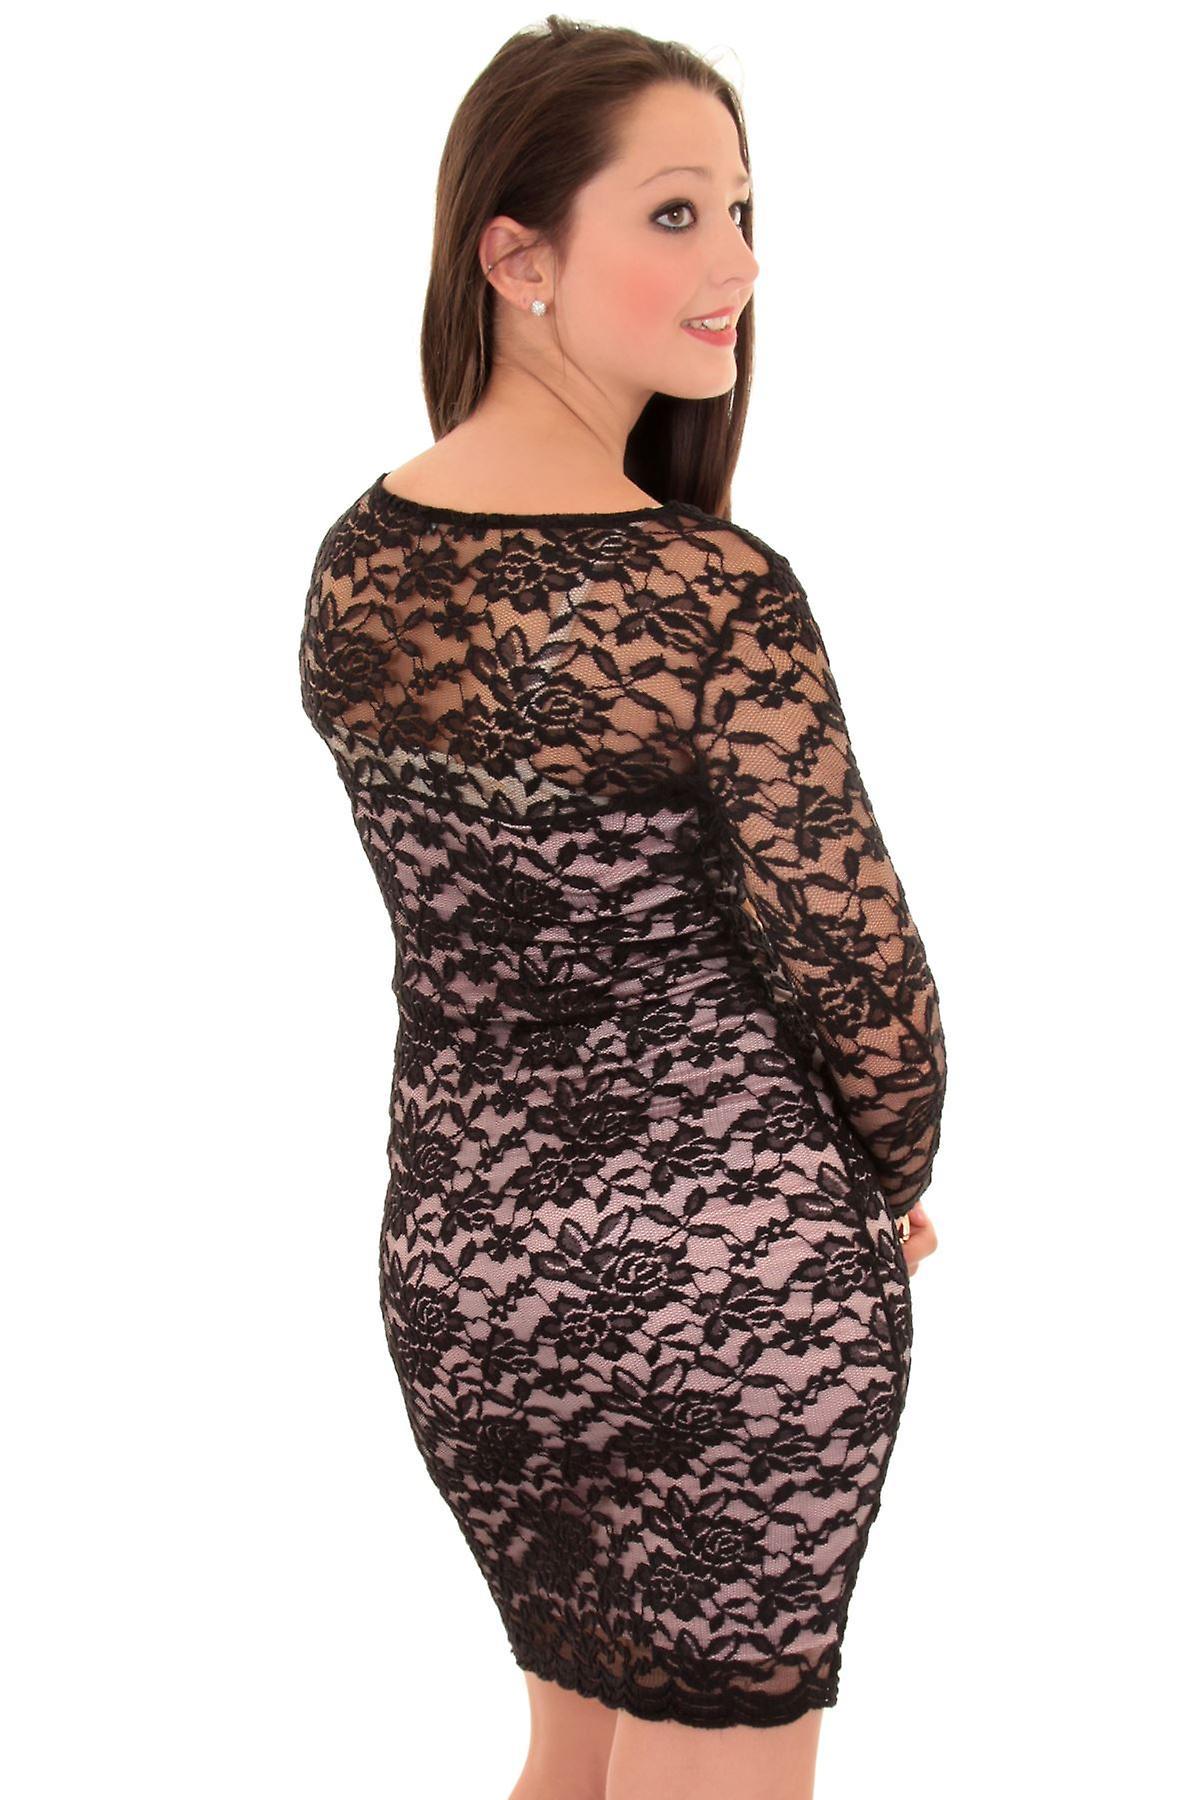 Uusi naisten 3/4 hihat vuorattu kukka pitsi naisten Bodycon mekko